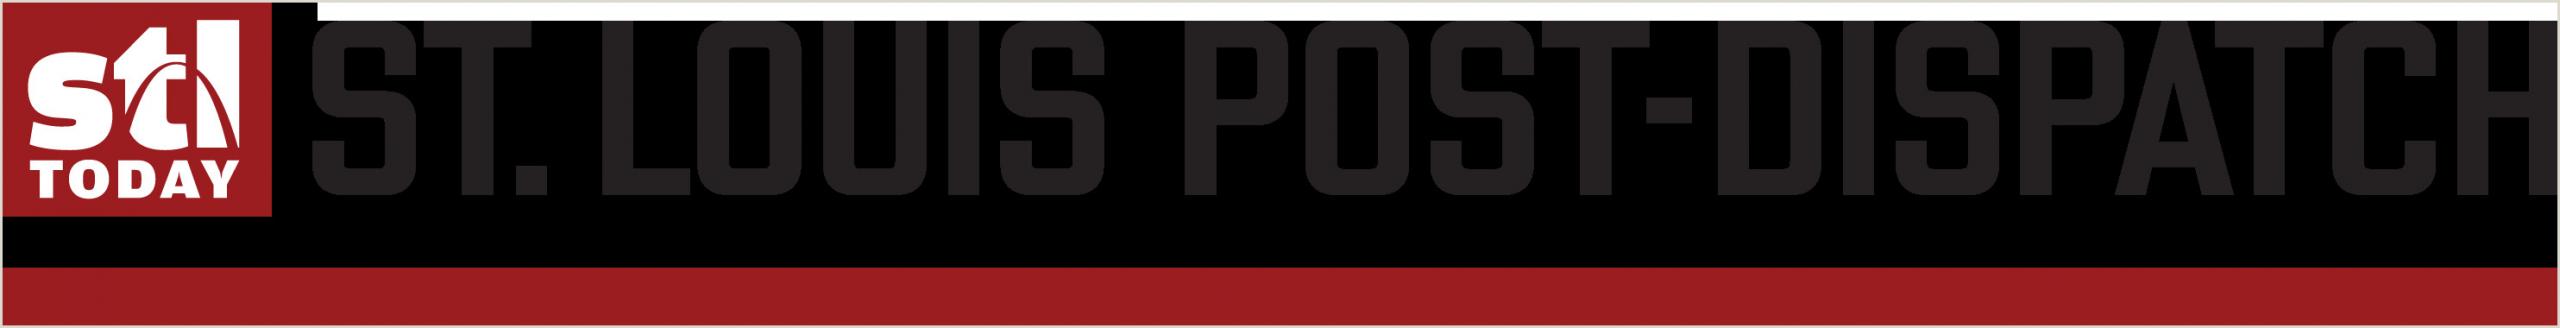 Unique Name Logos For Handyman Business Cards Gordo Cardinals Stockpiling Trade Chips For Mozeliak